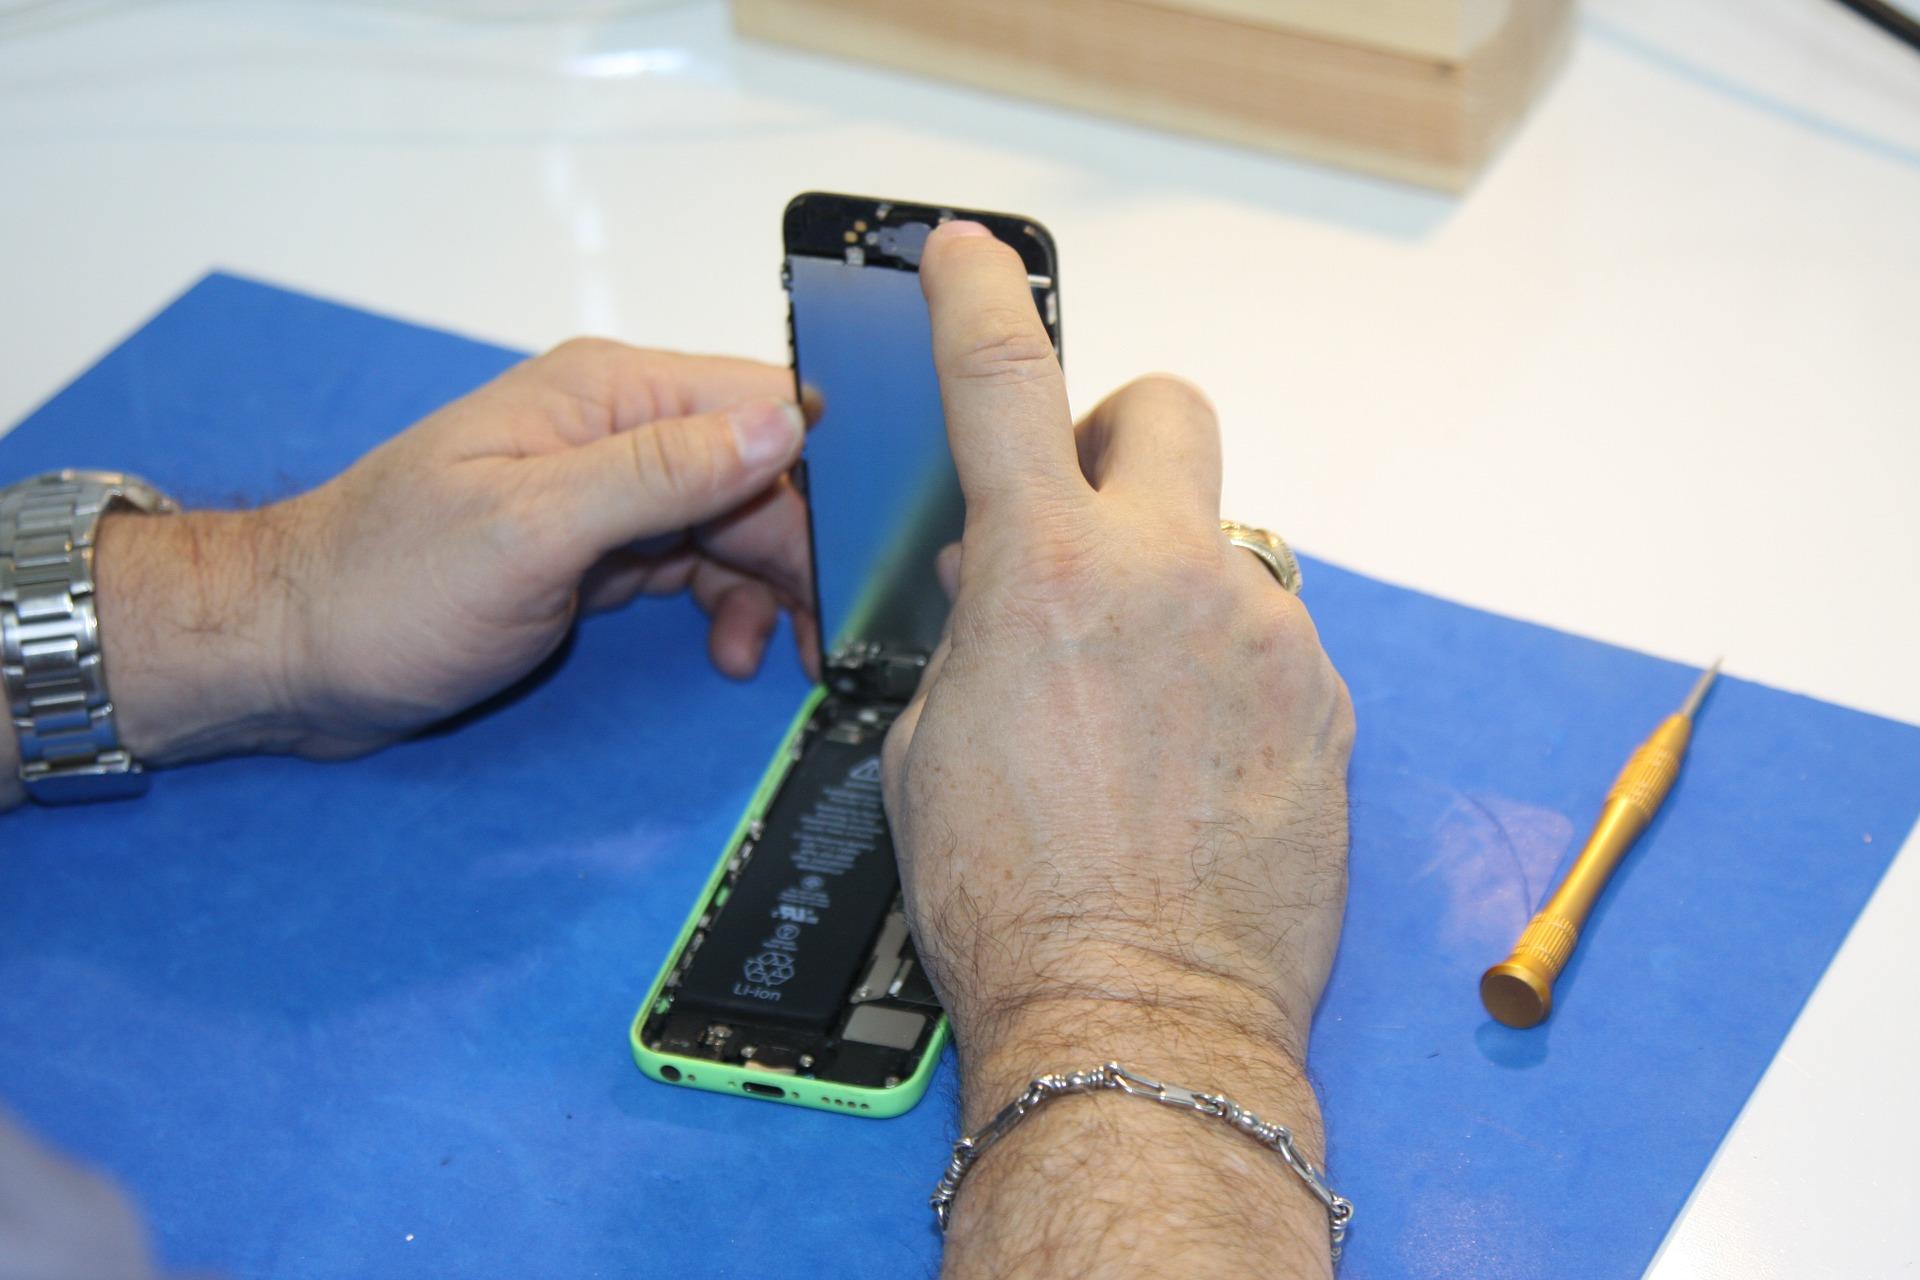 Imagem mostra uma pessoa mexendo em um celular aberto.